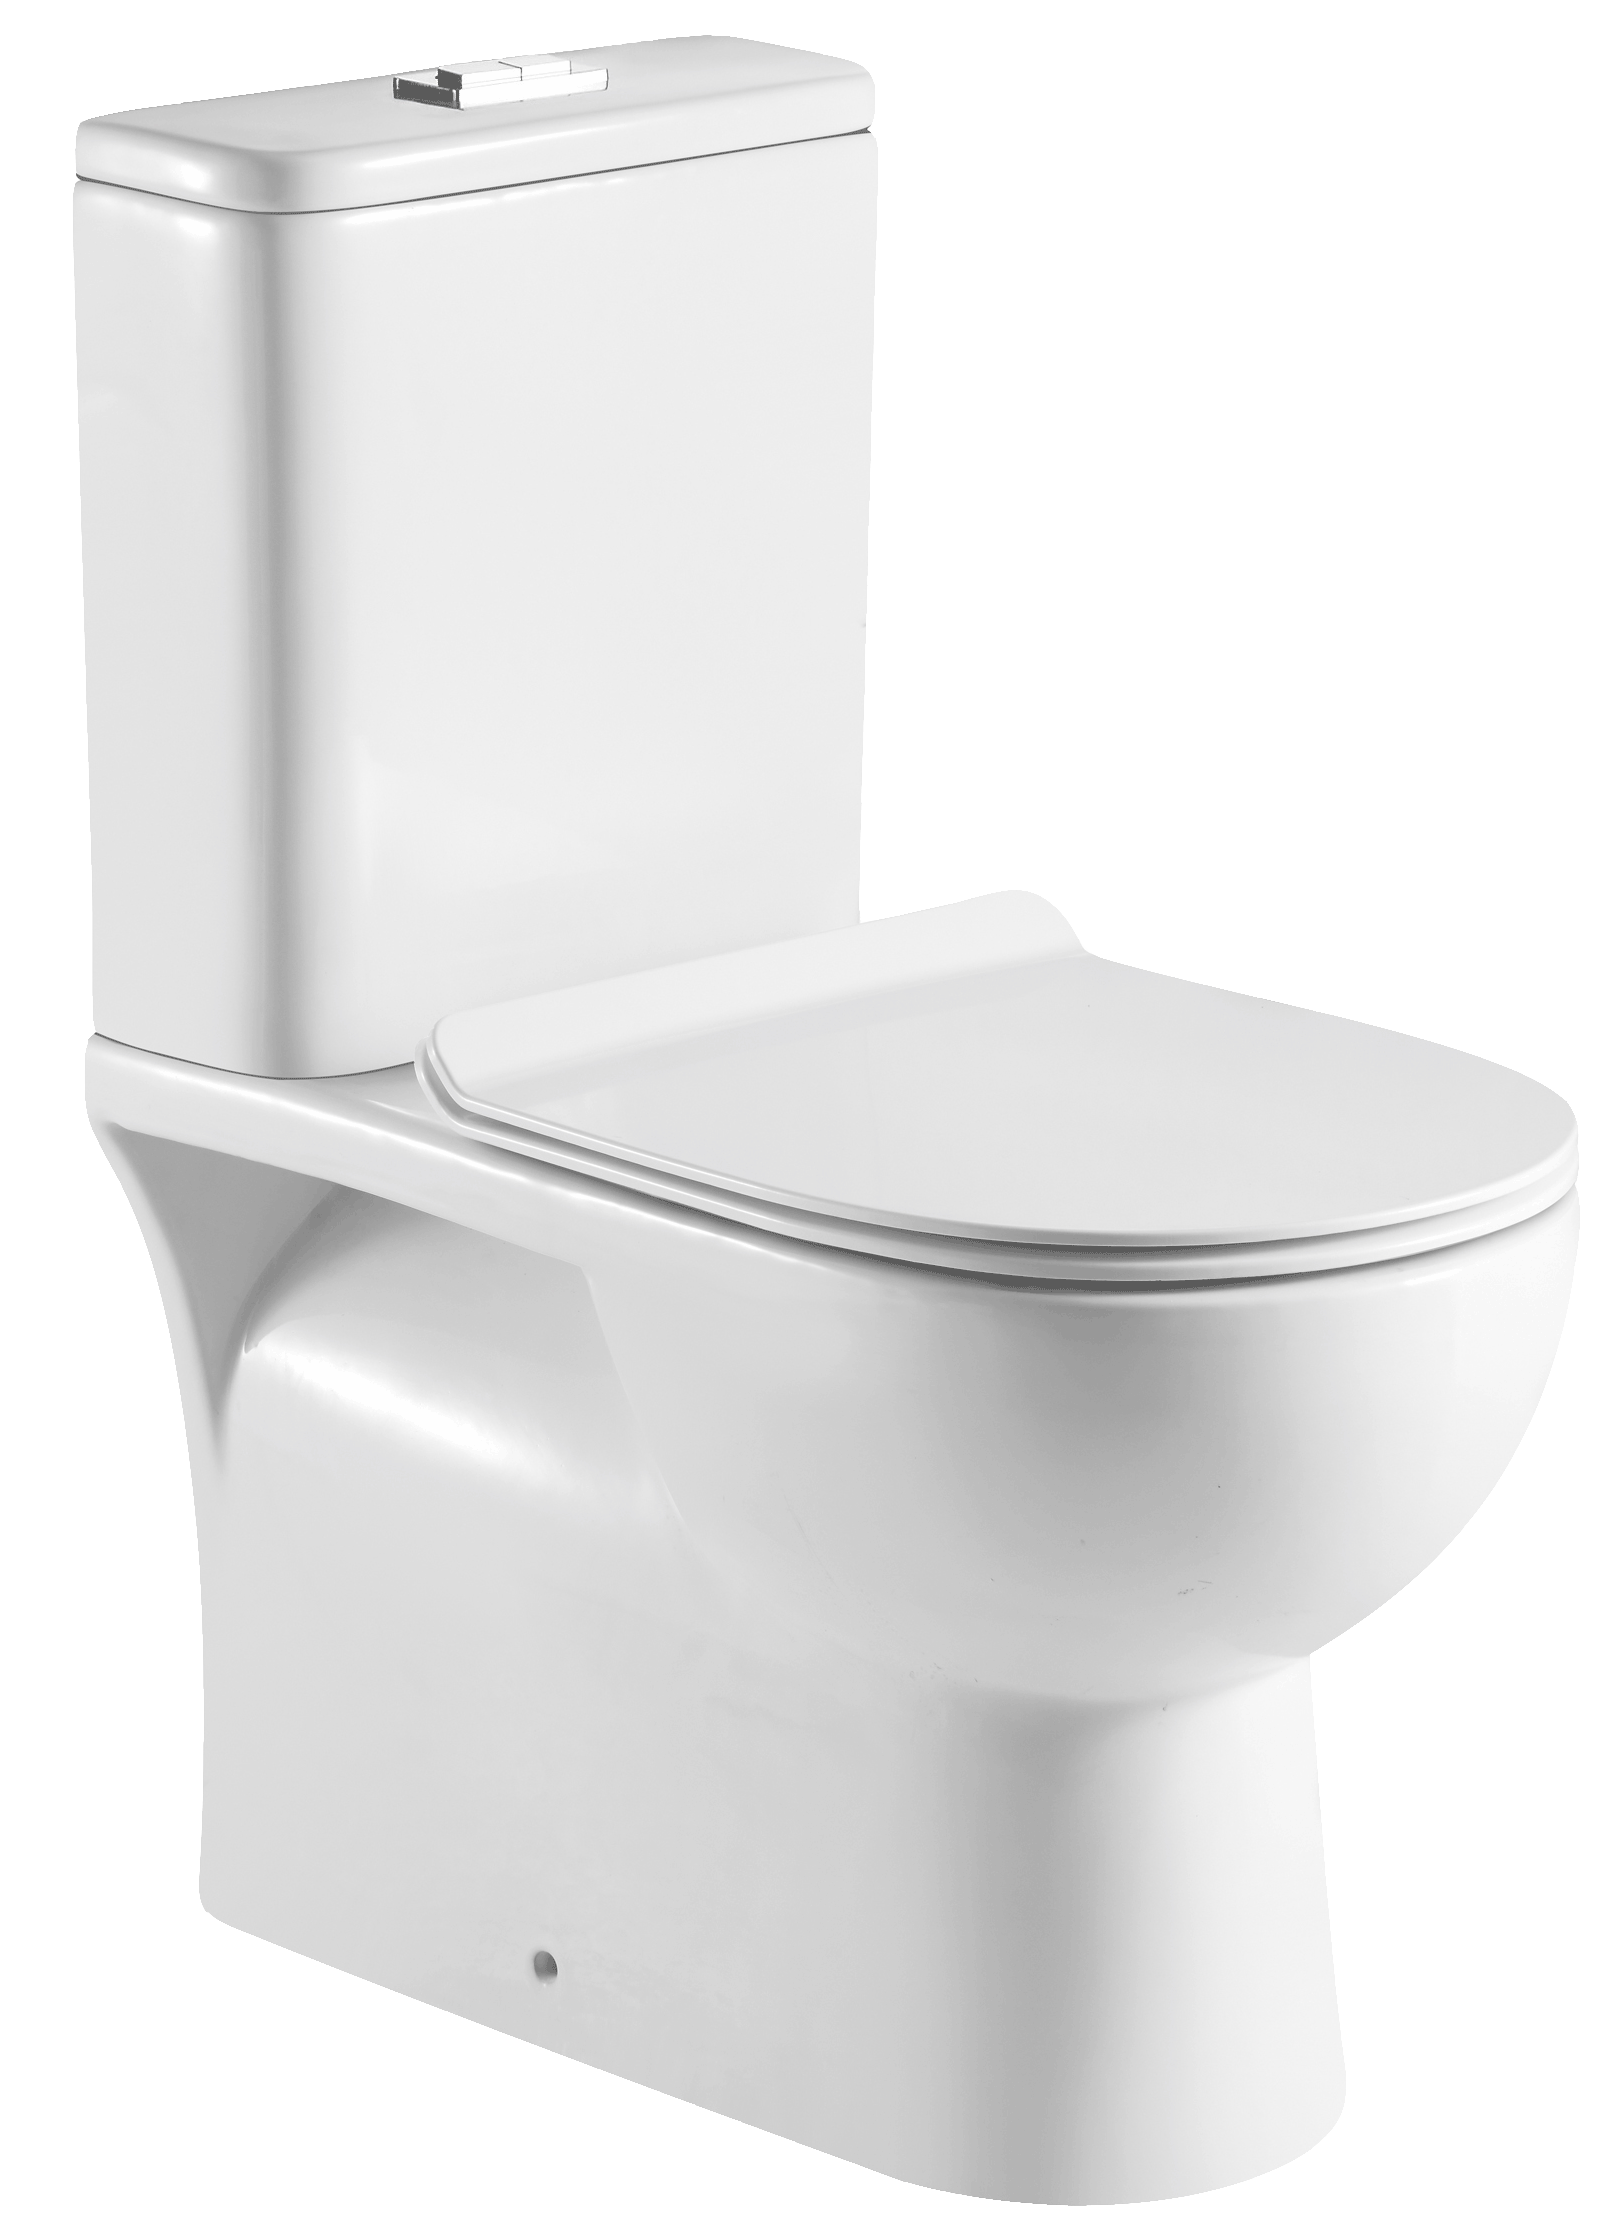 Productafbeelding van Badstuber Siena duoblok staand toilet met reservoir en zitting